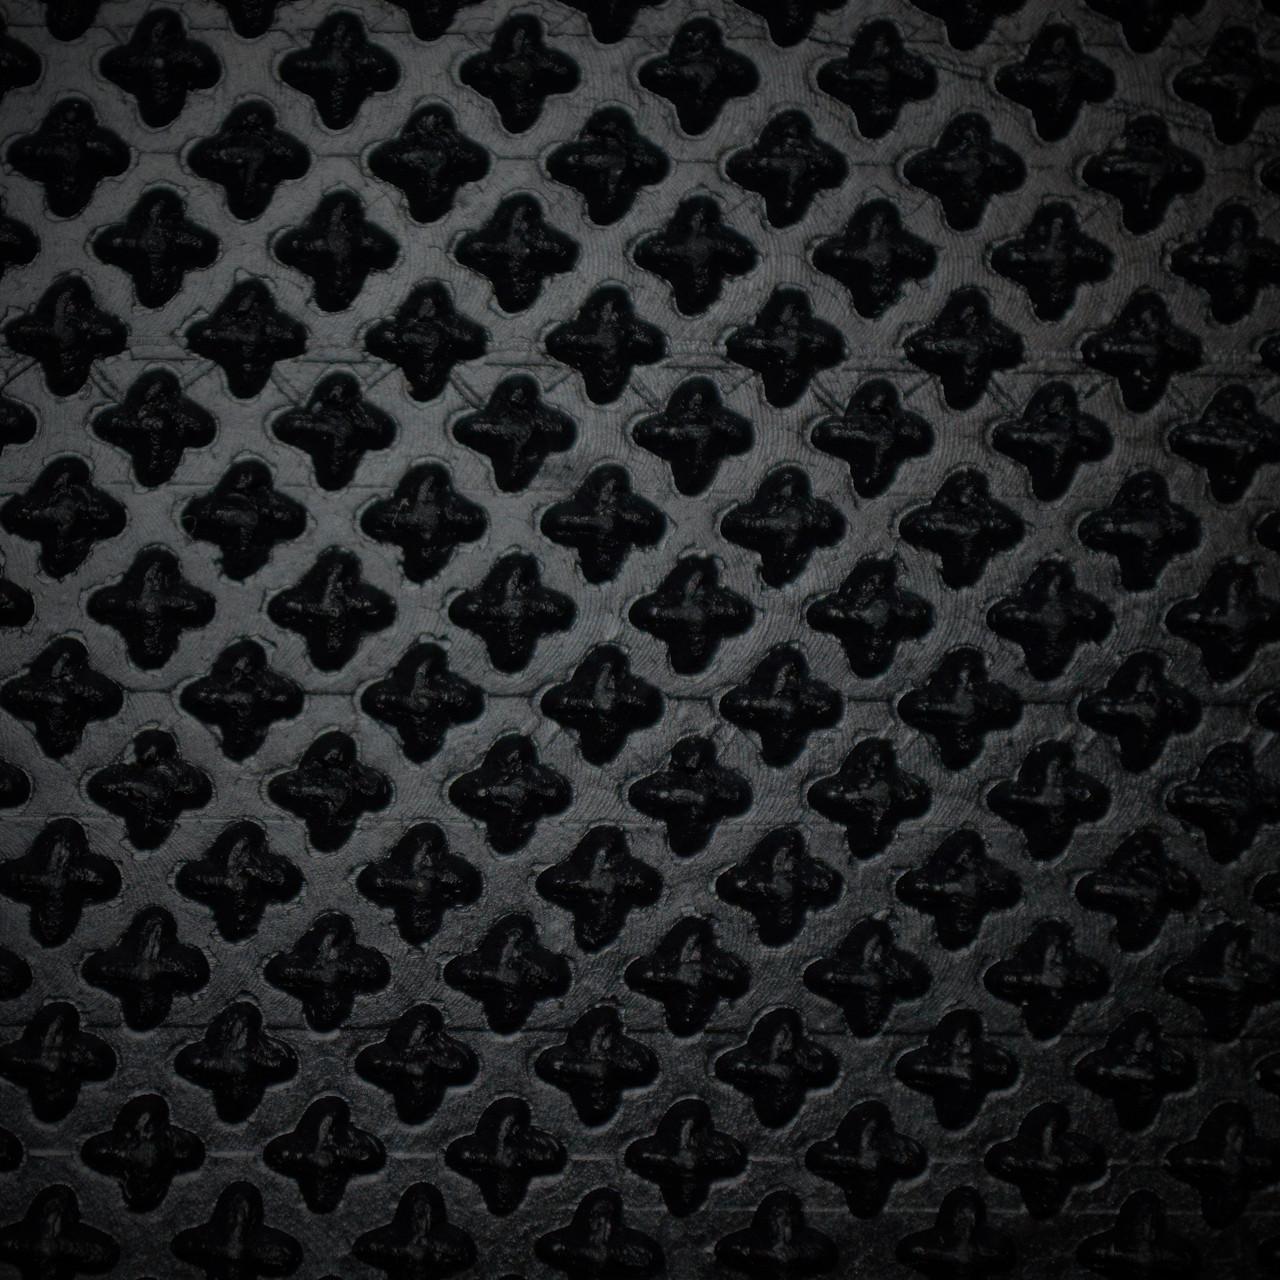 """Листовая профилактика башмачник """"Star"""", 500mmX500mmX4mm, высокая прочность к скольжению"""